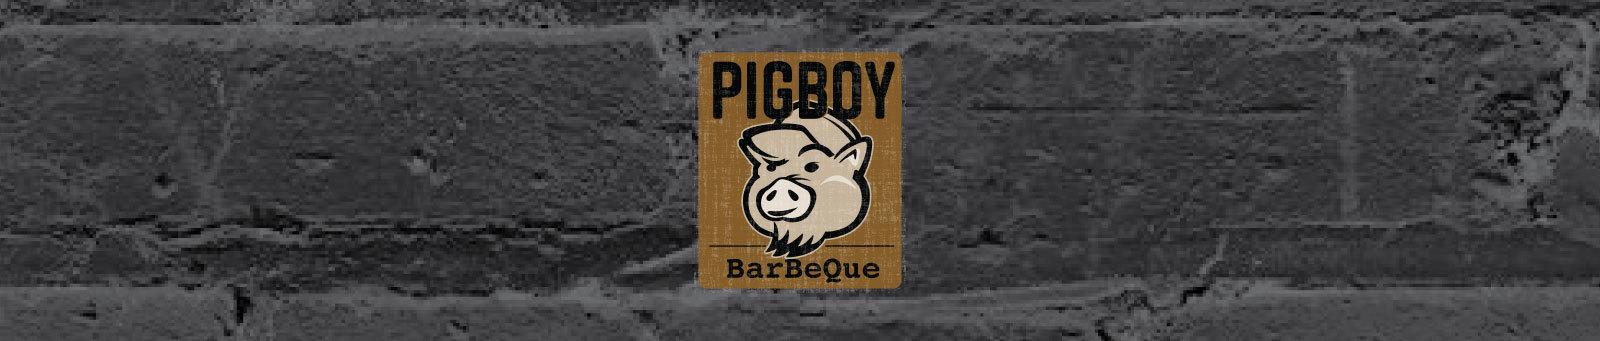 PigBoy BBQ Merchandise Store